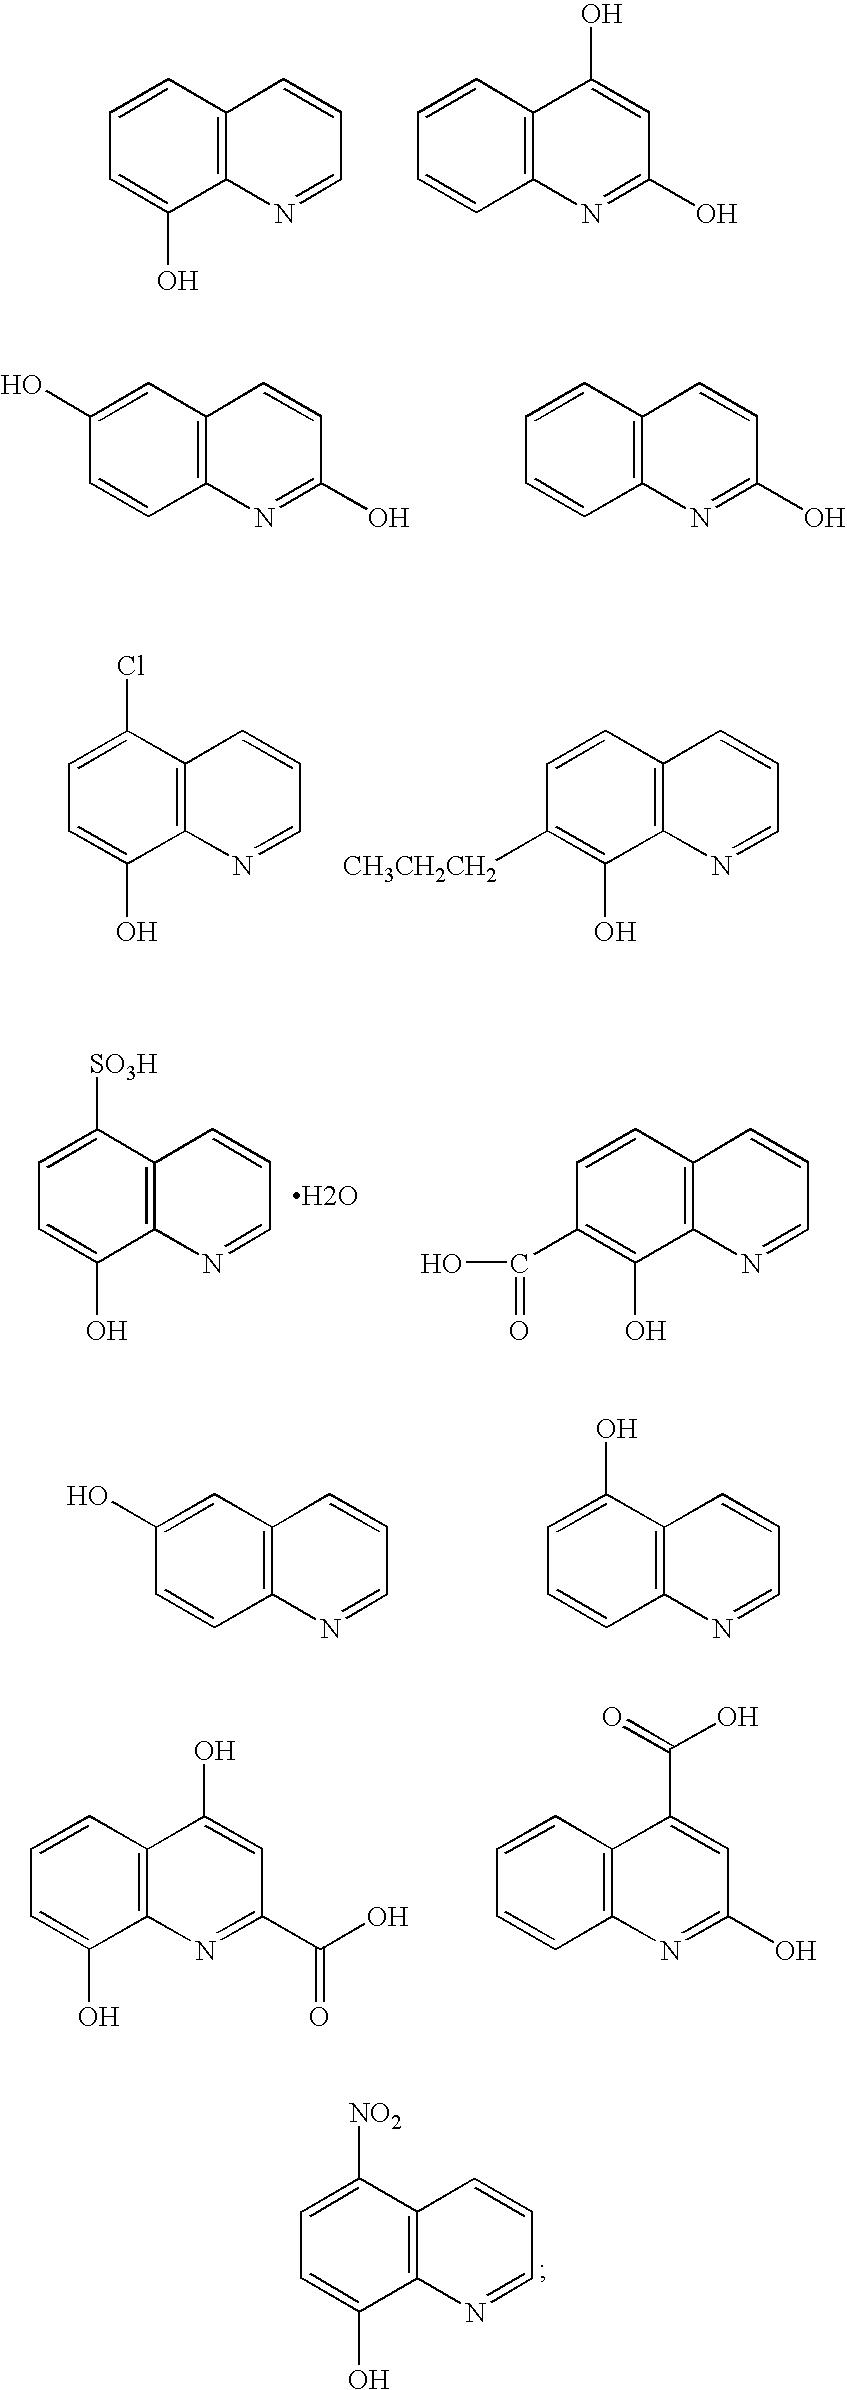 Figure US20090246660A1-20091001-C00001